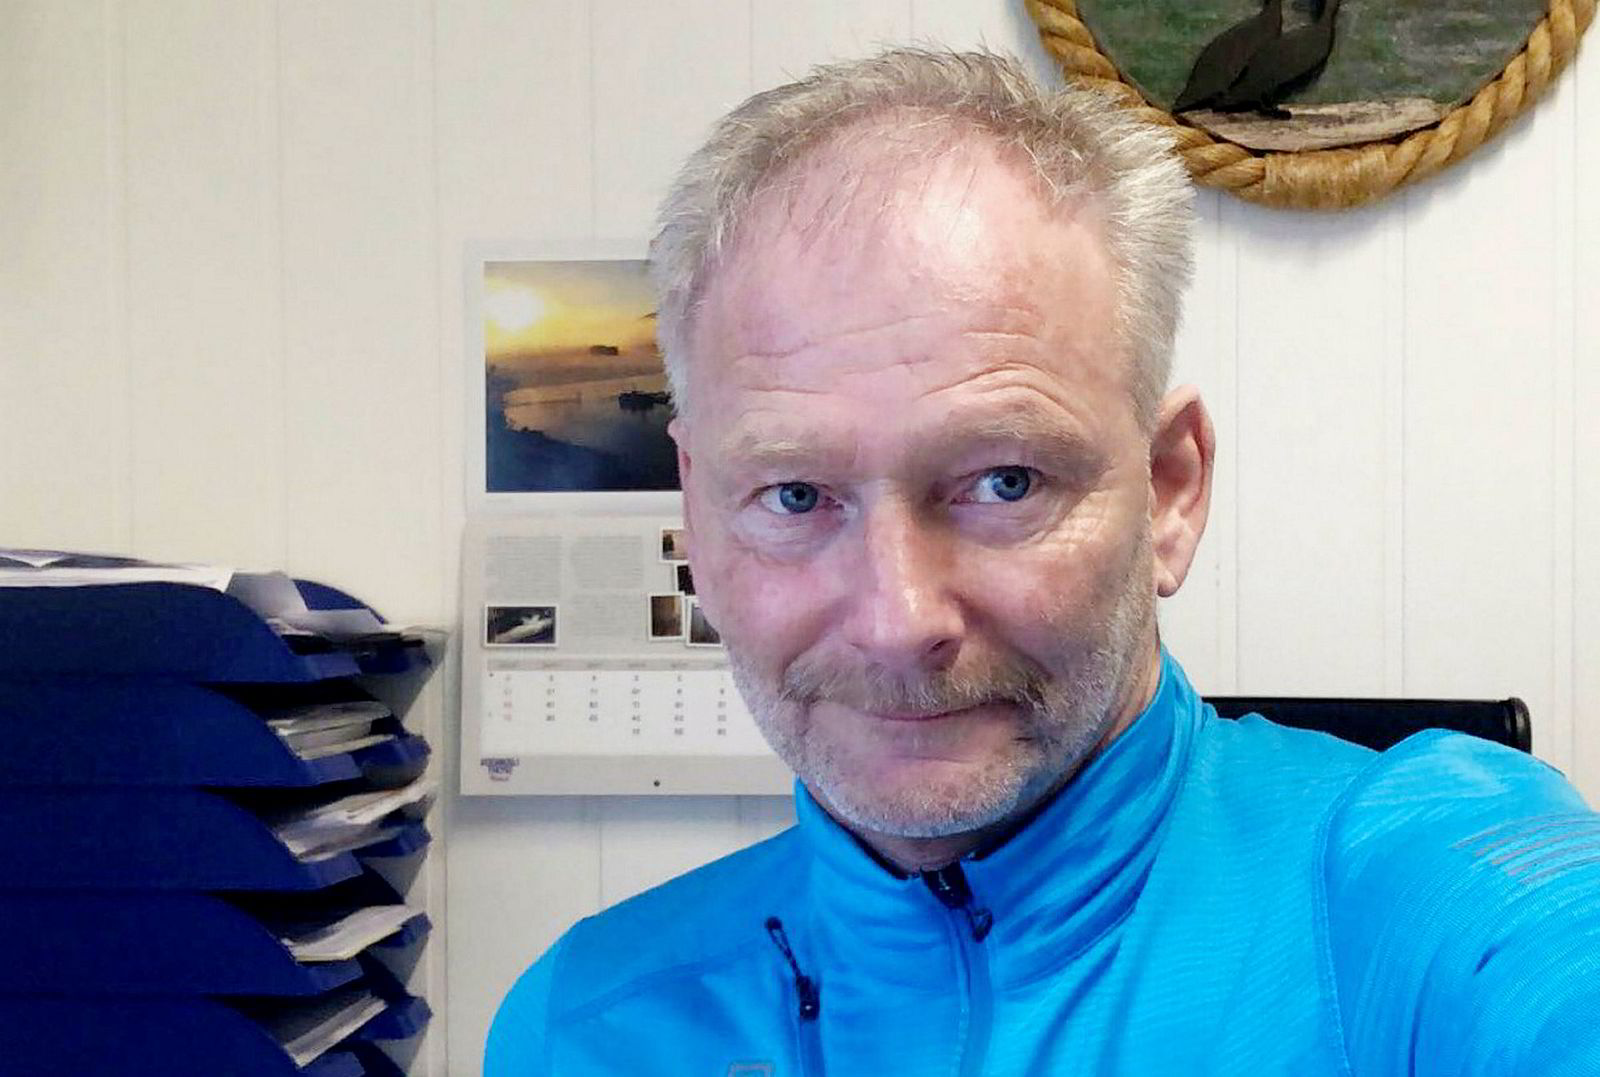 Daglig leder Tom Jarle Bjørkly i Mortenlaks i Lødingen kan ha tapt en hel årsinntekt på grunn av algedøden.